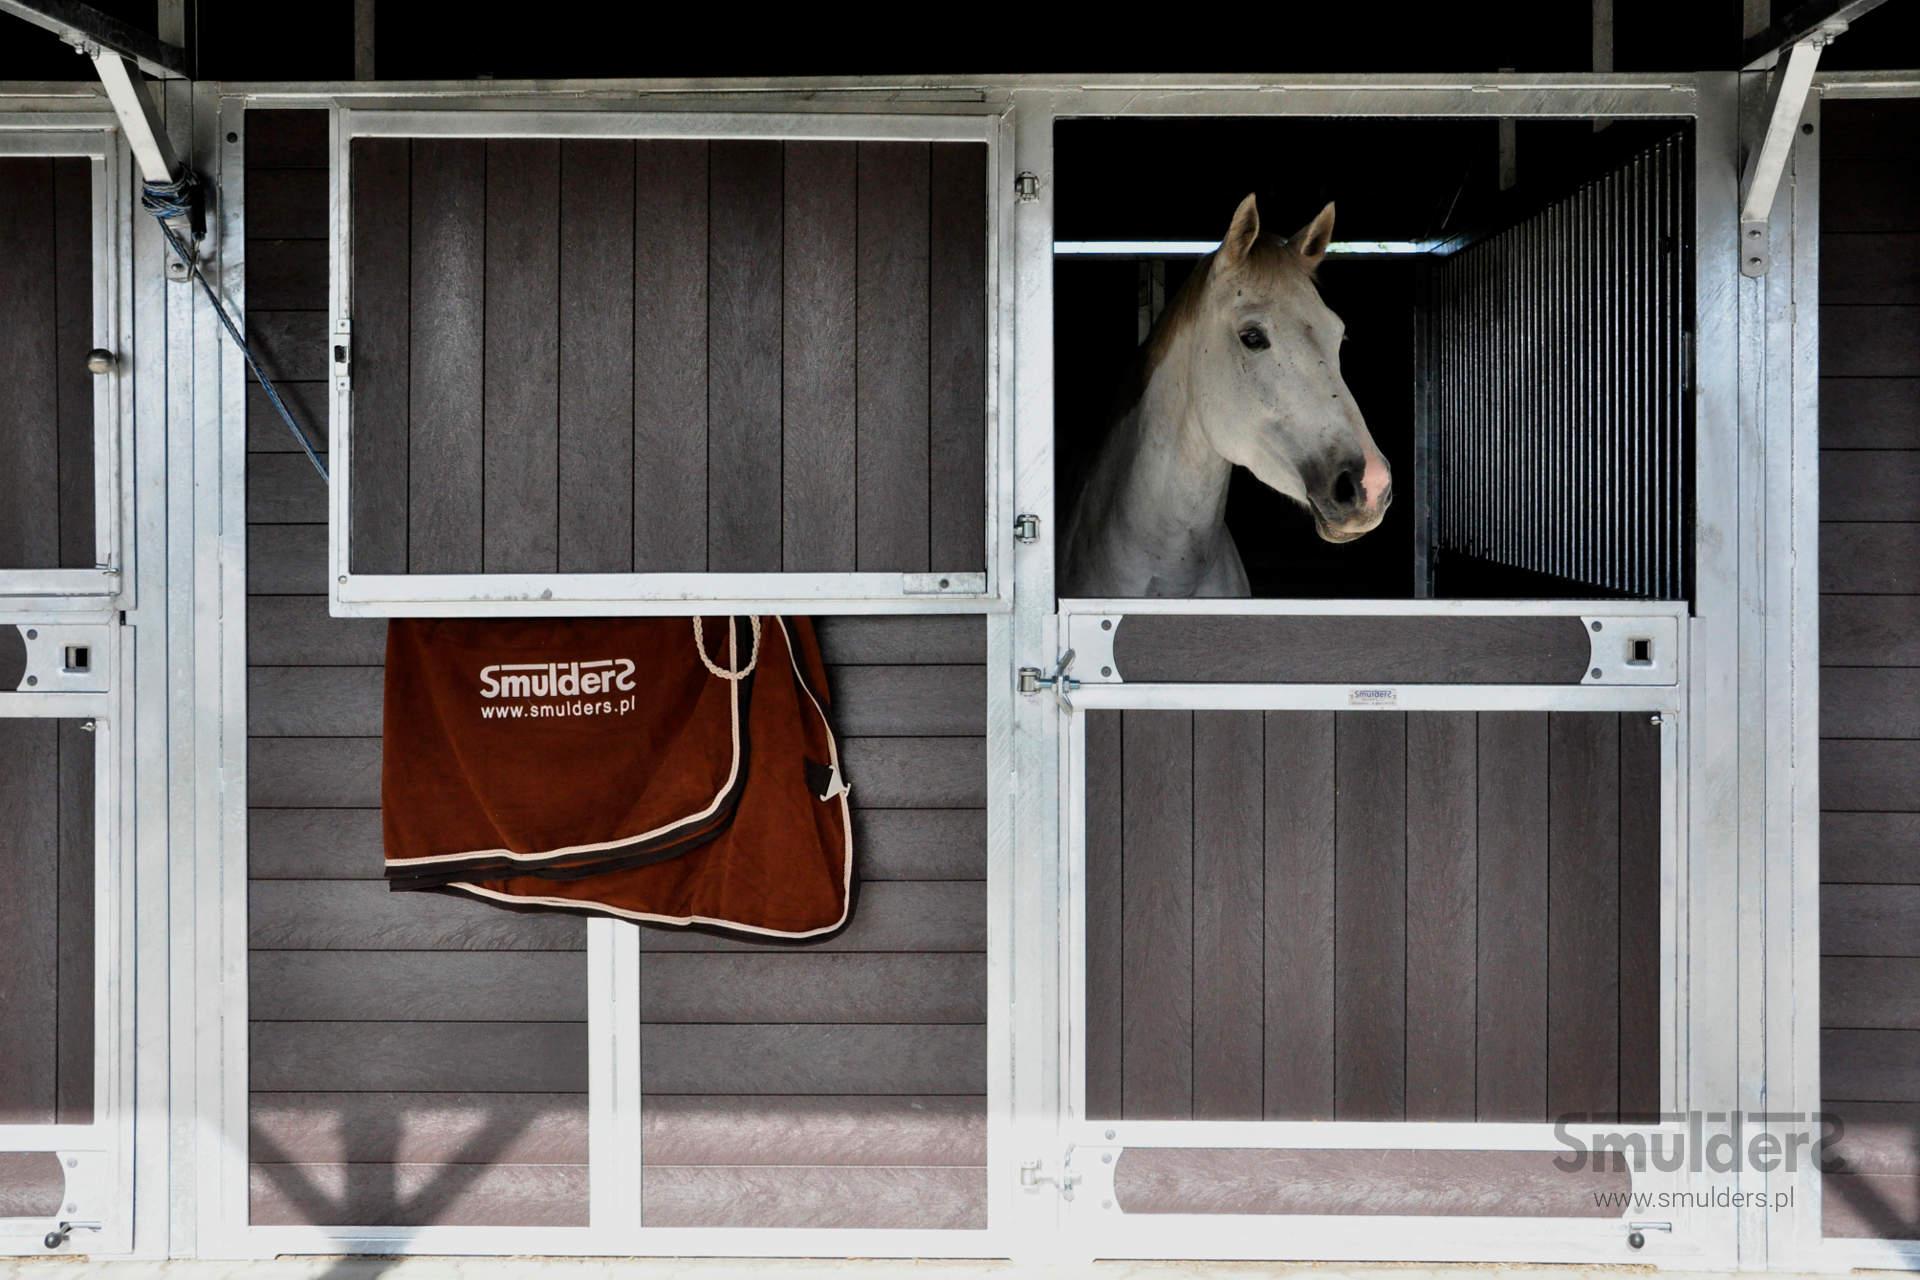 https://www.smulders.pl/wp-content/uploads/2019/07/f005_outdoor-stables_KCN_SMULDERS_PL.jpg